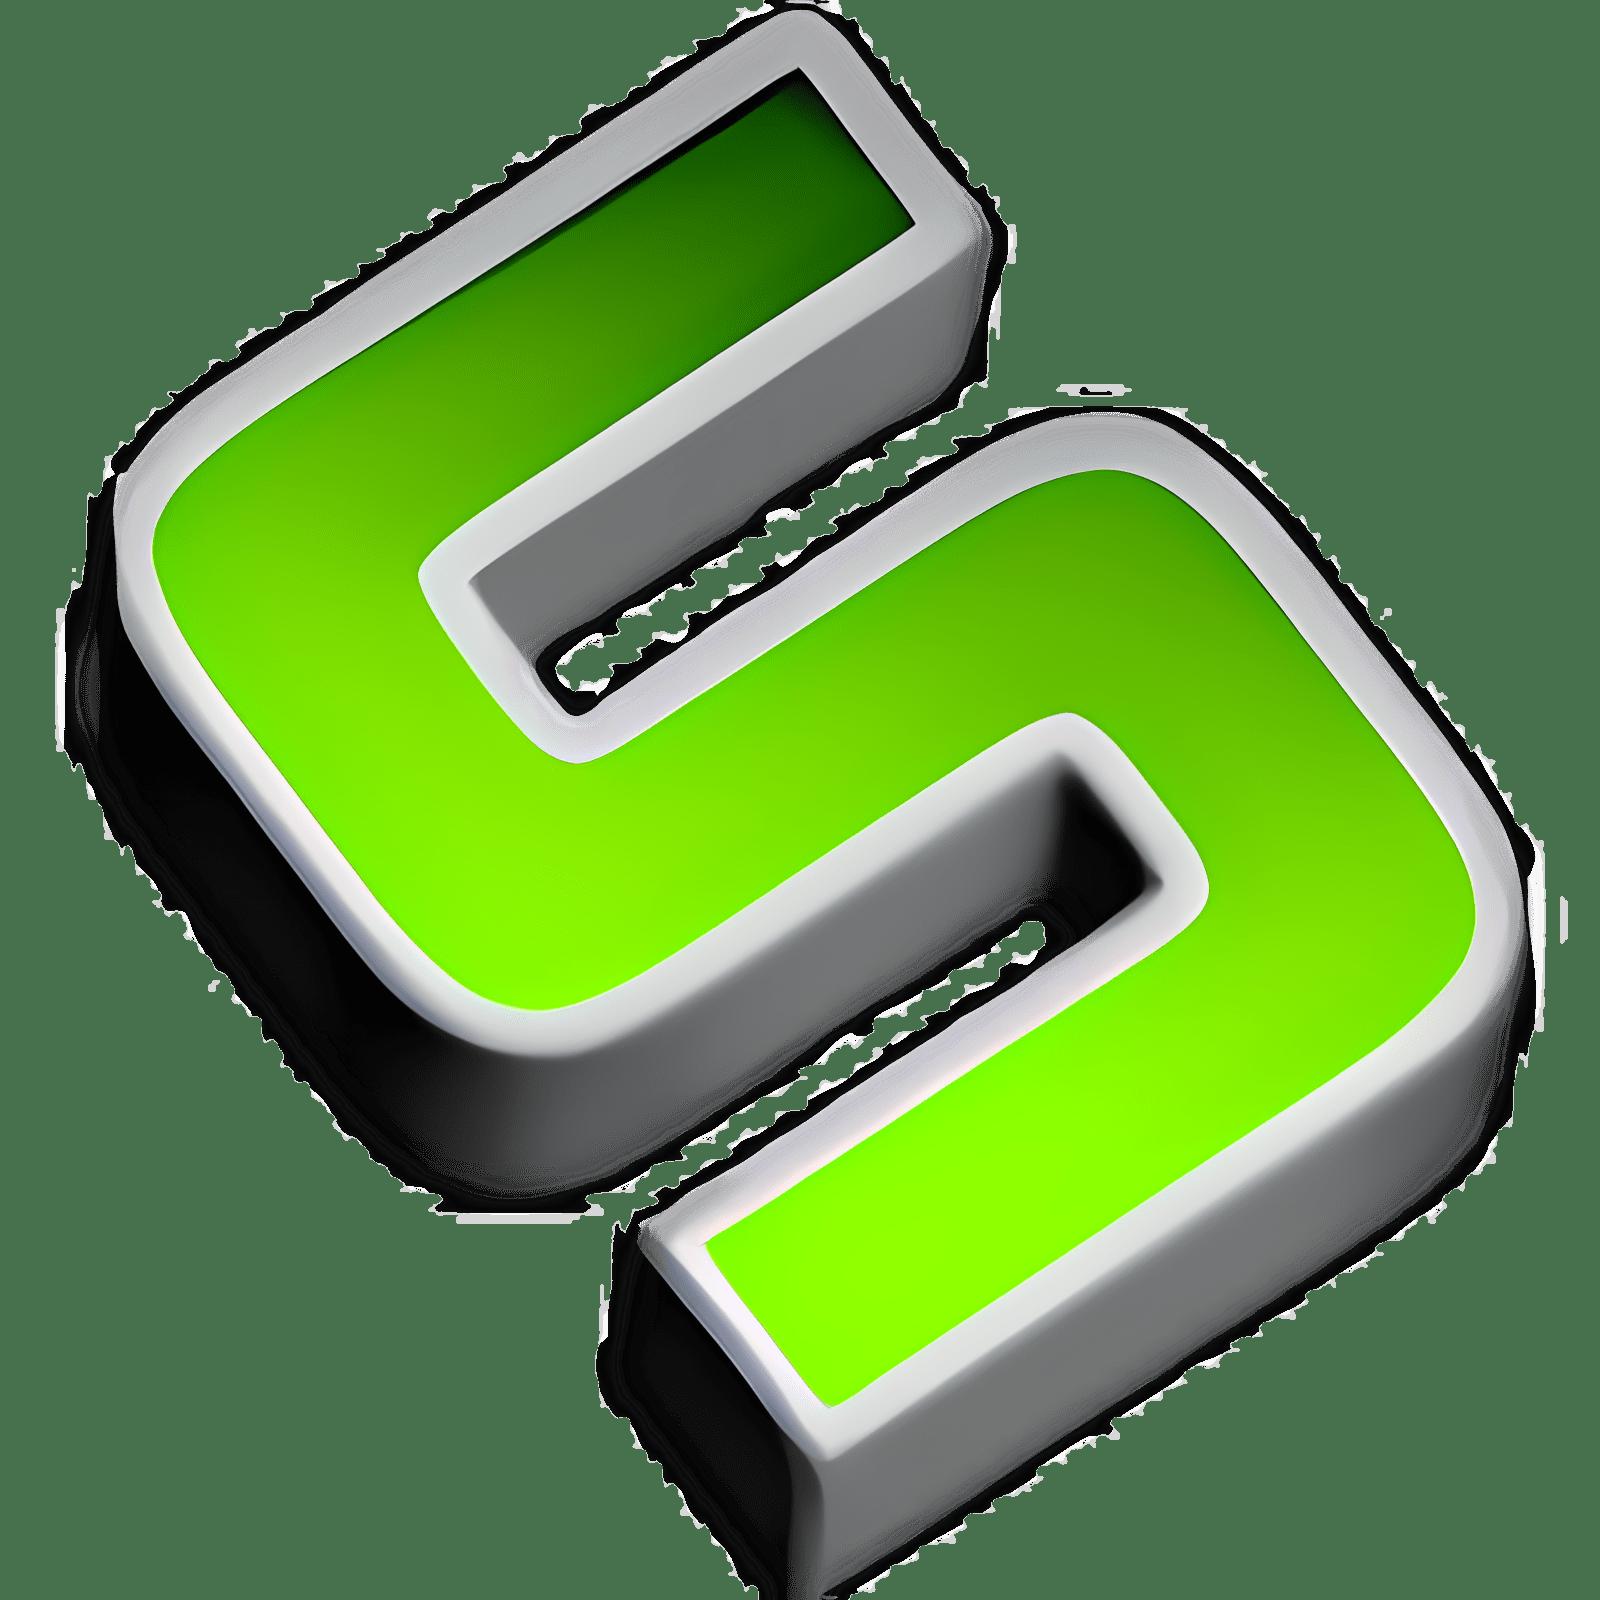 Slink 1.9.11